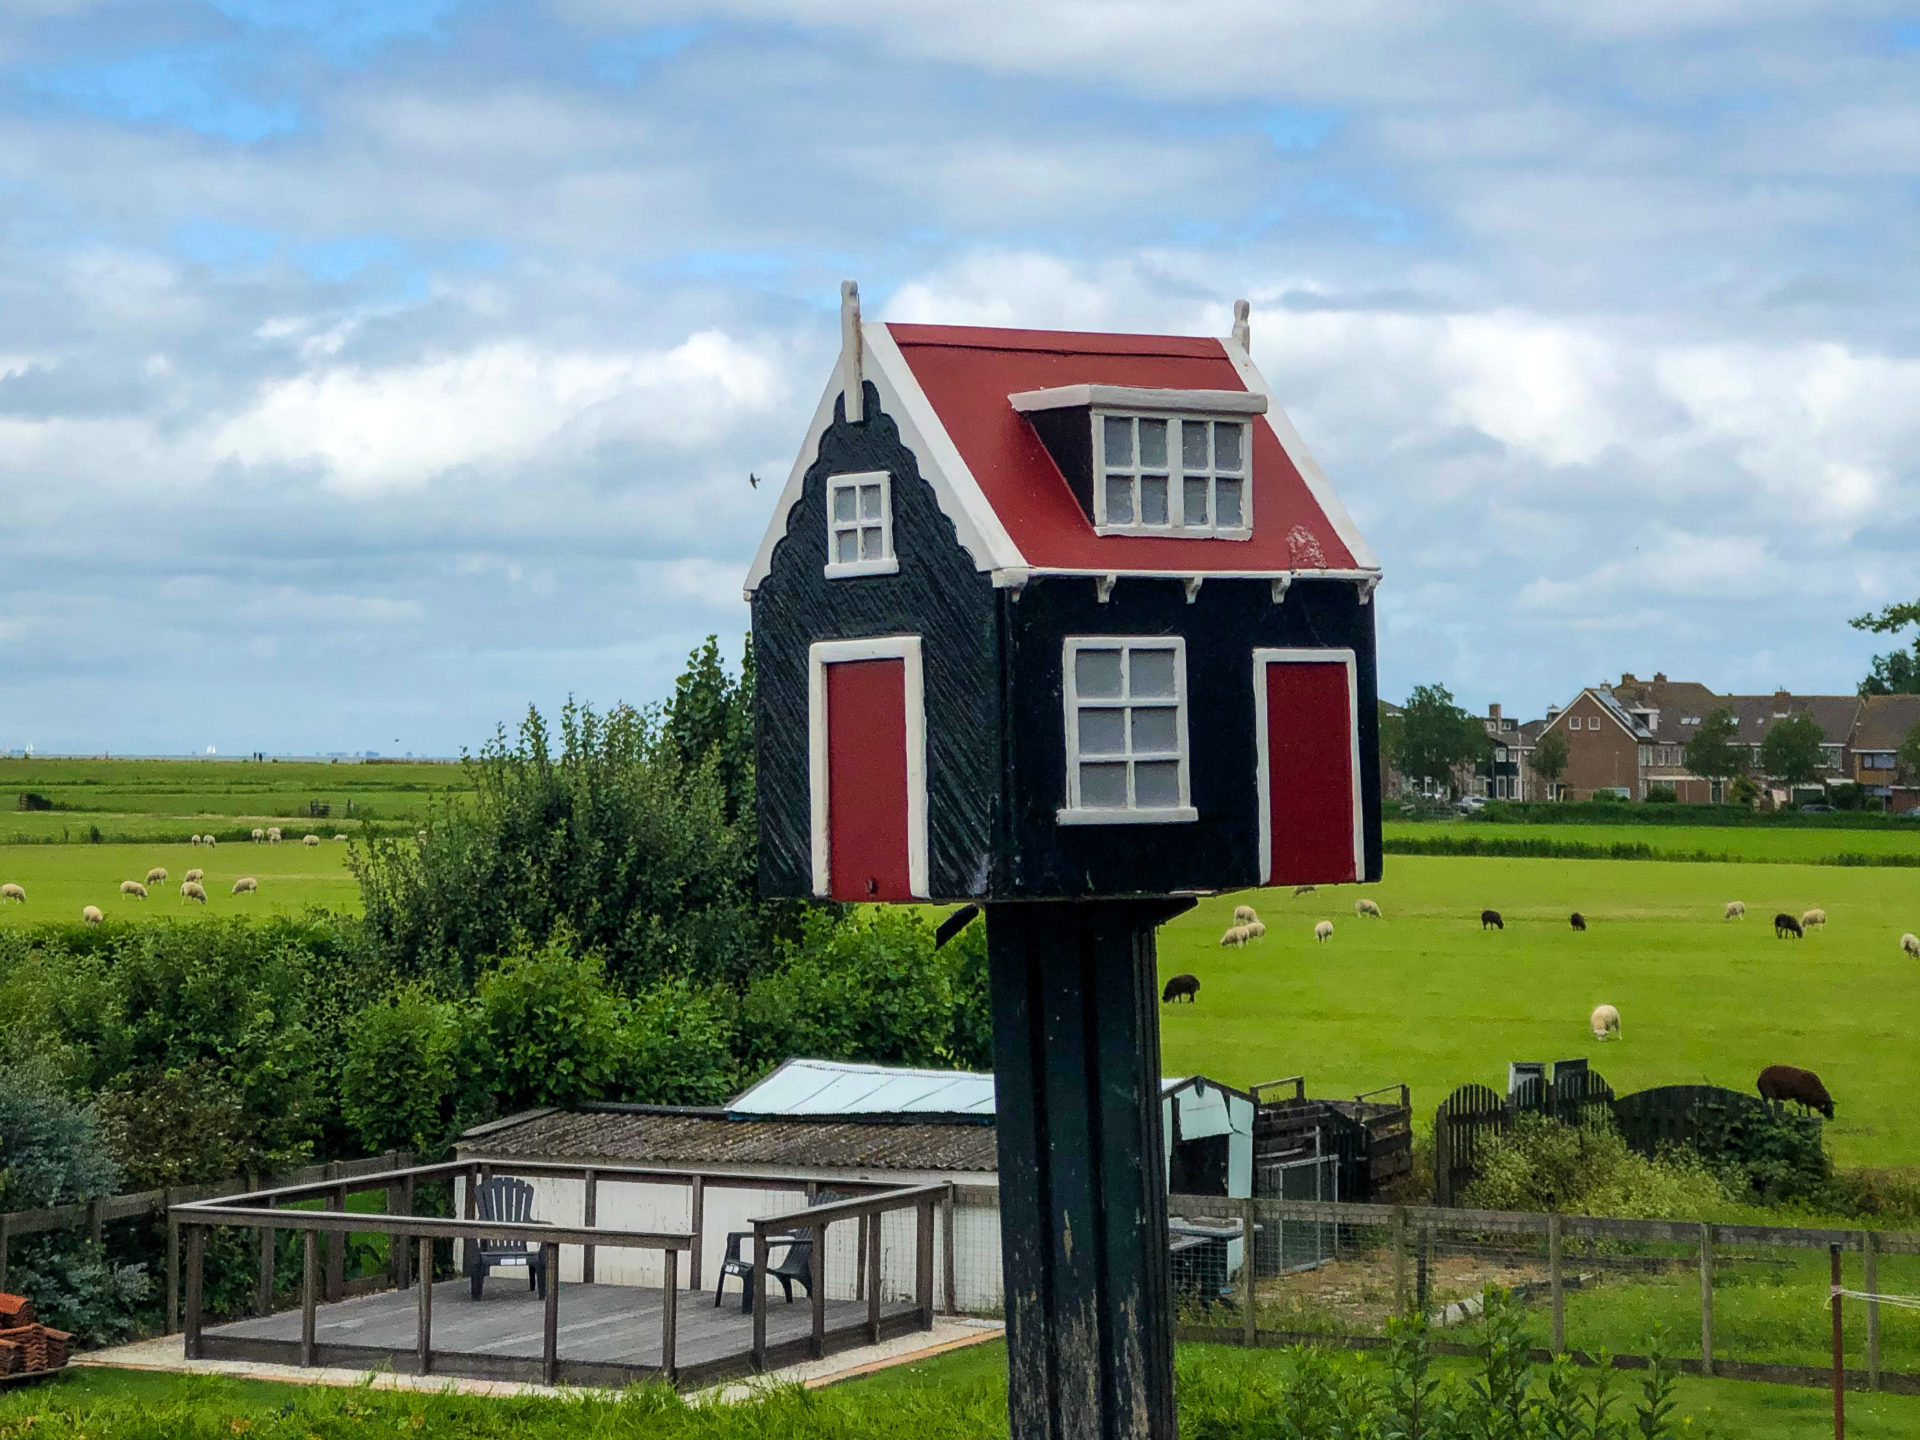 Modellhaus in einem Garten im holländischen Marken mit Kuhweide im Hintergrund